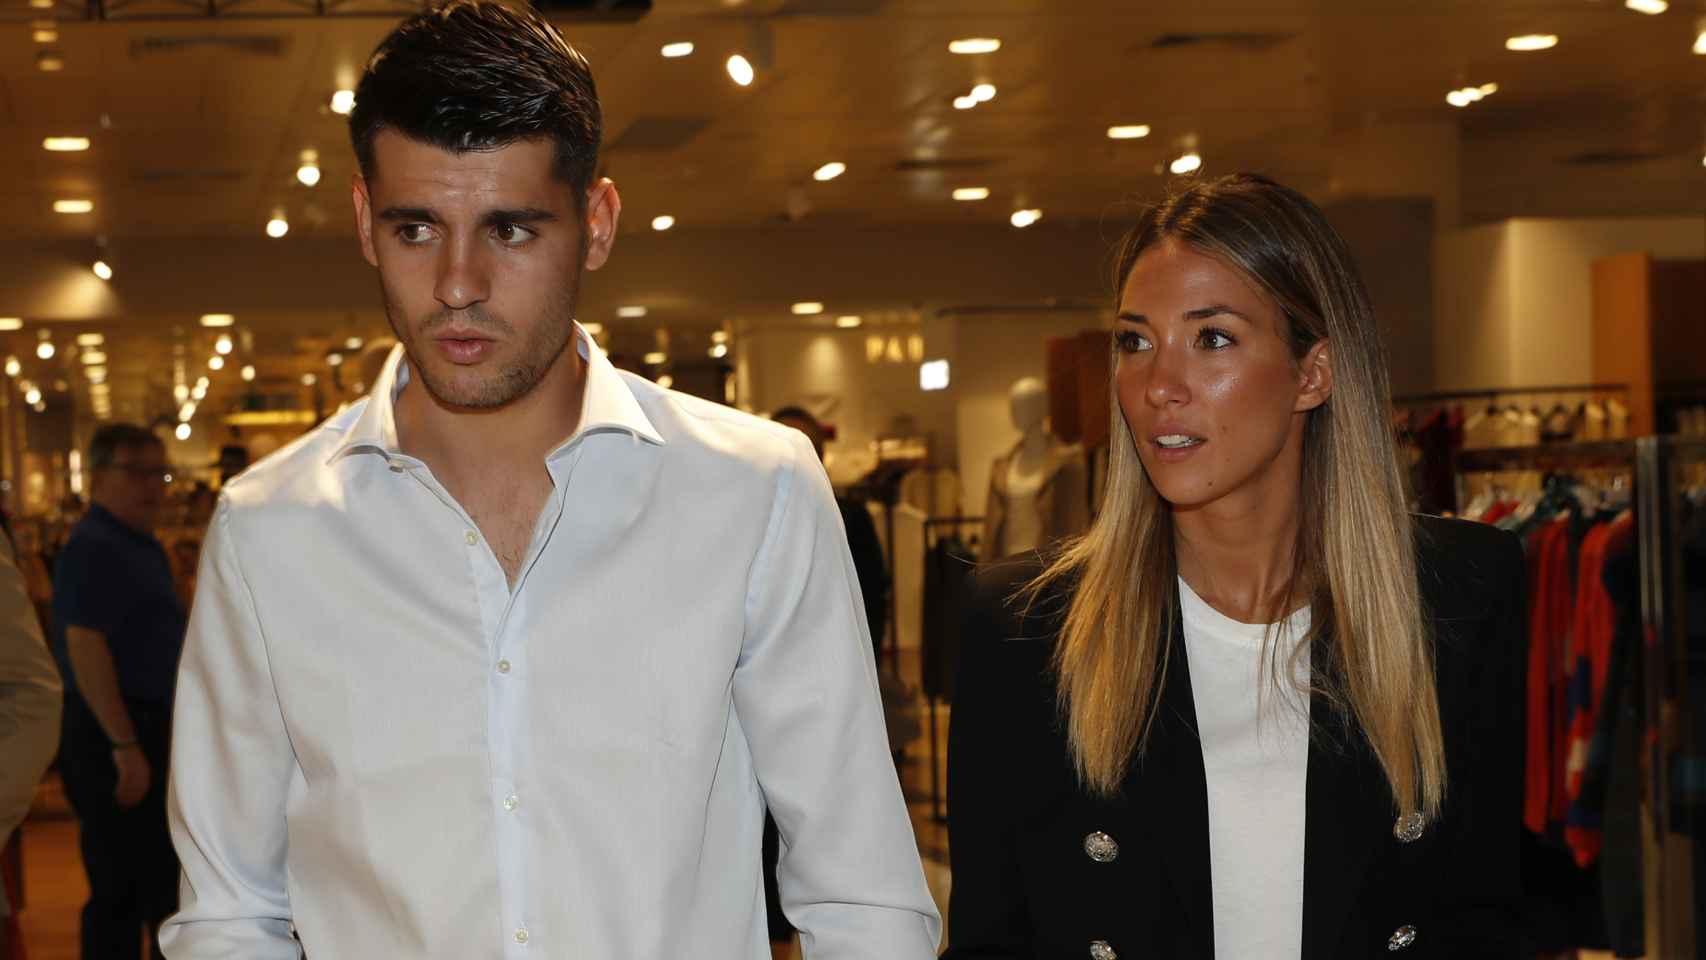 Álvaro Morata y Alice Campello, llegando a la presentación de los relojes de los que son imagen.